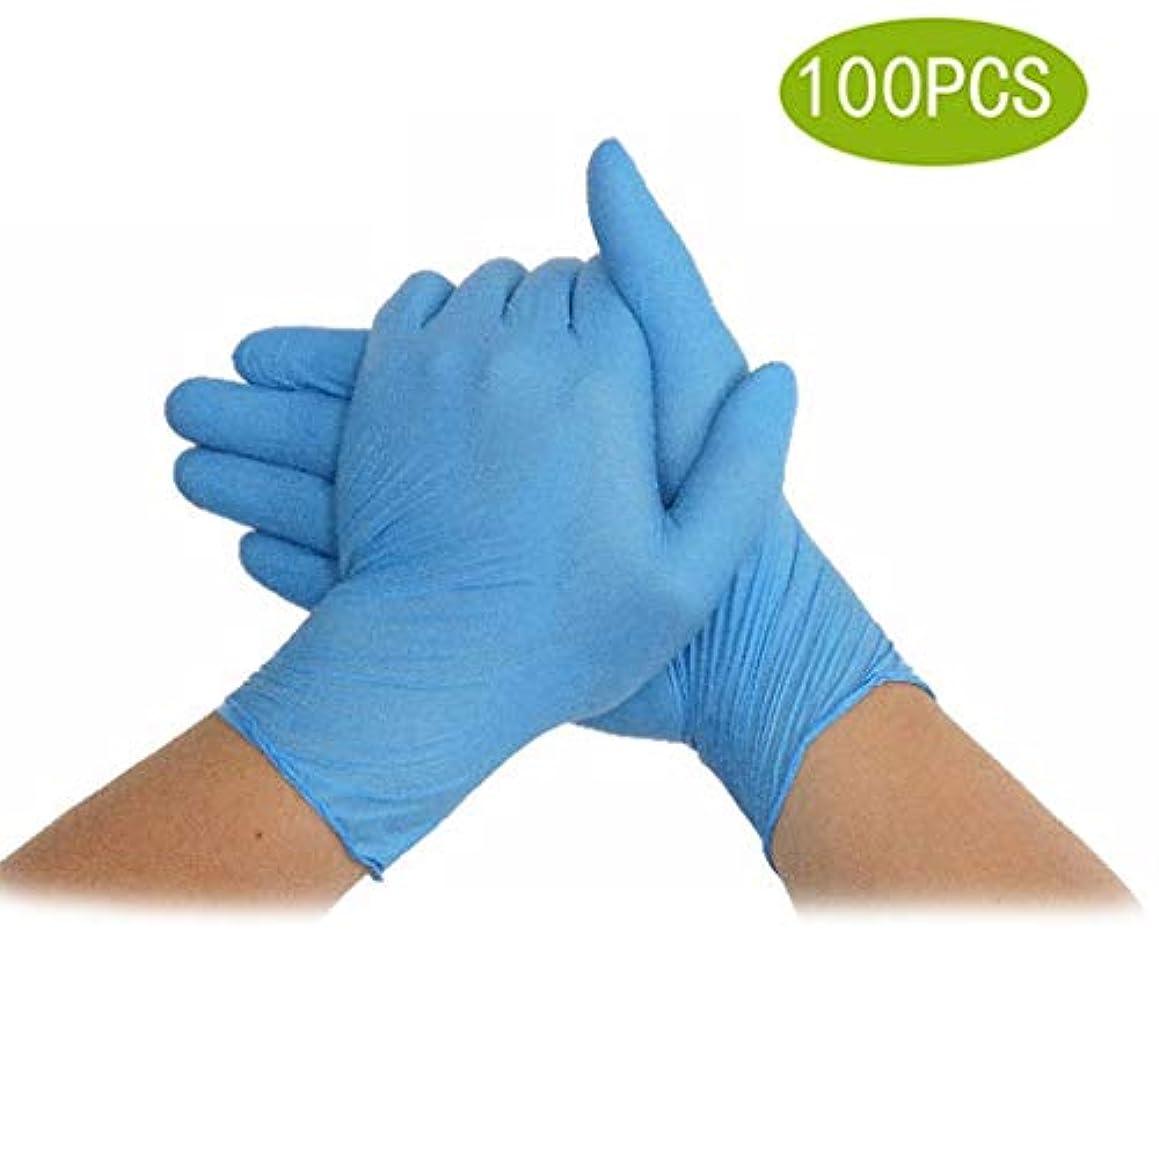 通信する撃退するメディック9インチ使い捨て手袋軽量安全フィットニトリル手袋ミディアムパウダーフリーラテックスフリーライト作業クリーニング園芸医療用グレードタトゥーメディカル試験用手袋100倍 (Size : S)